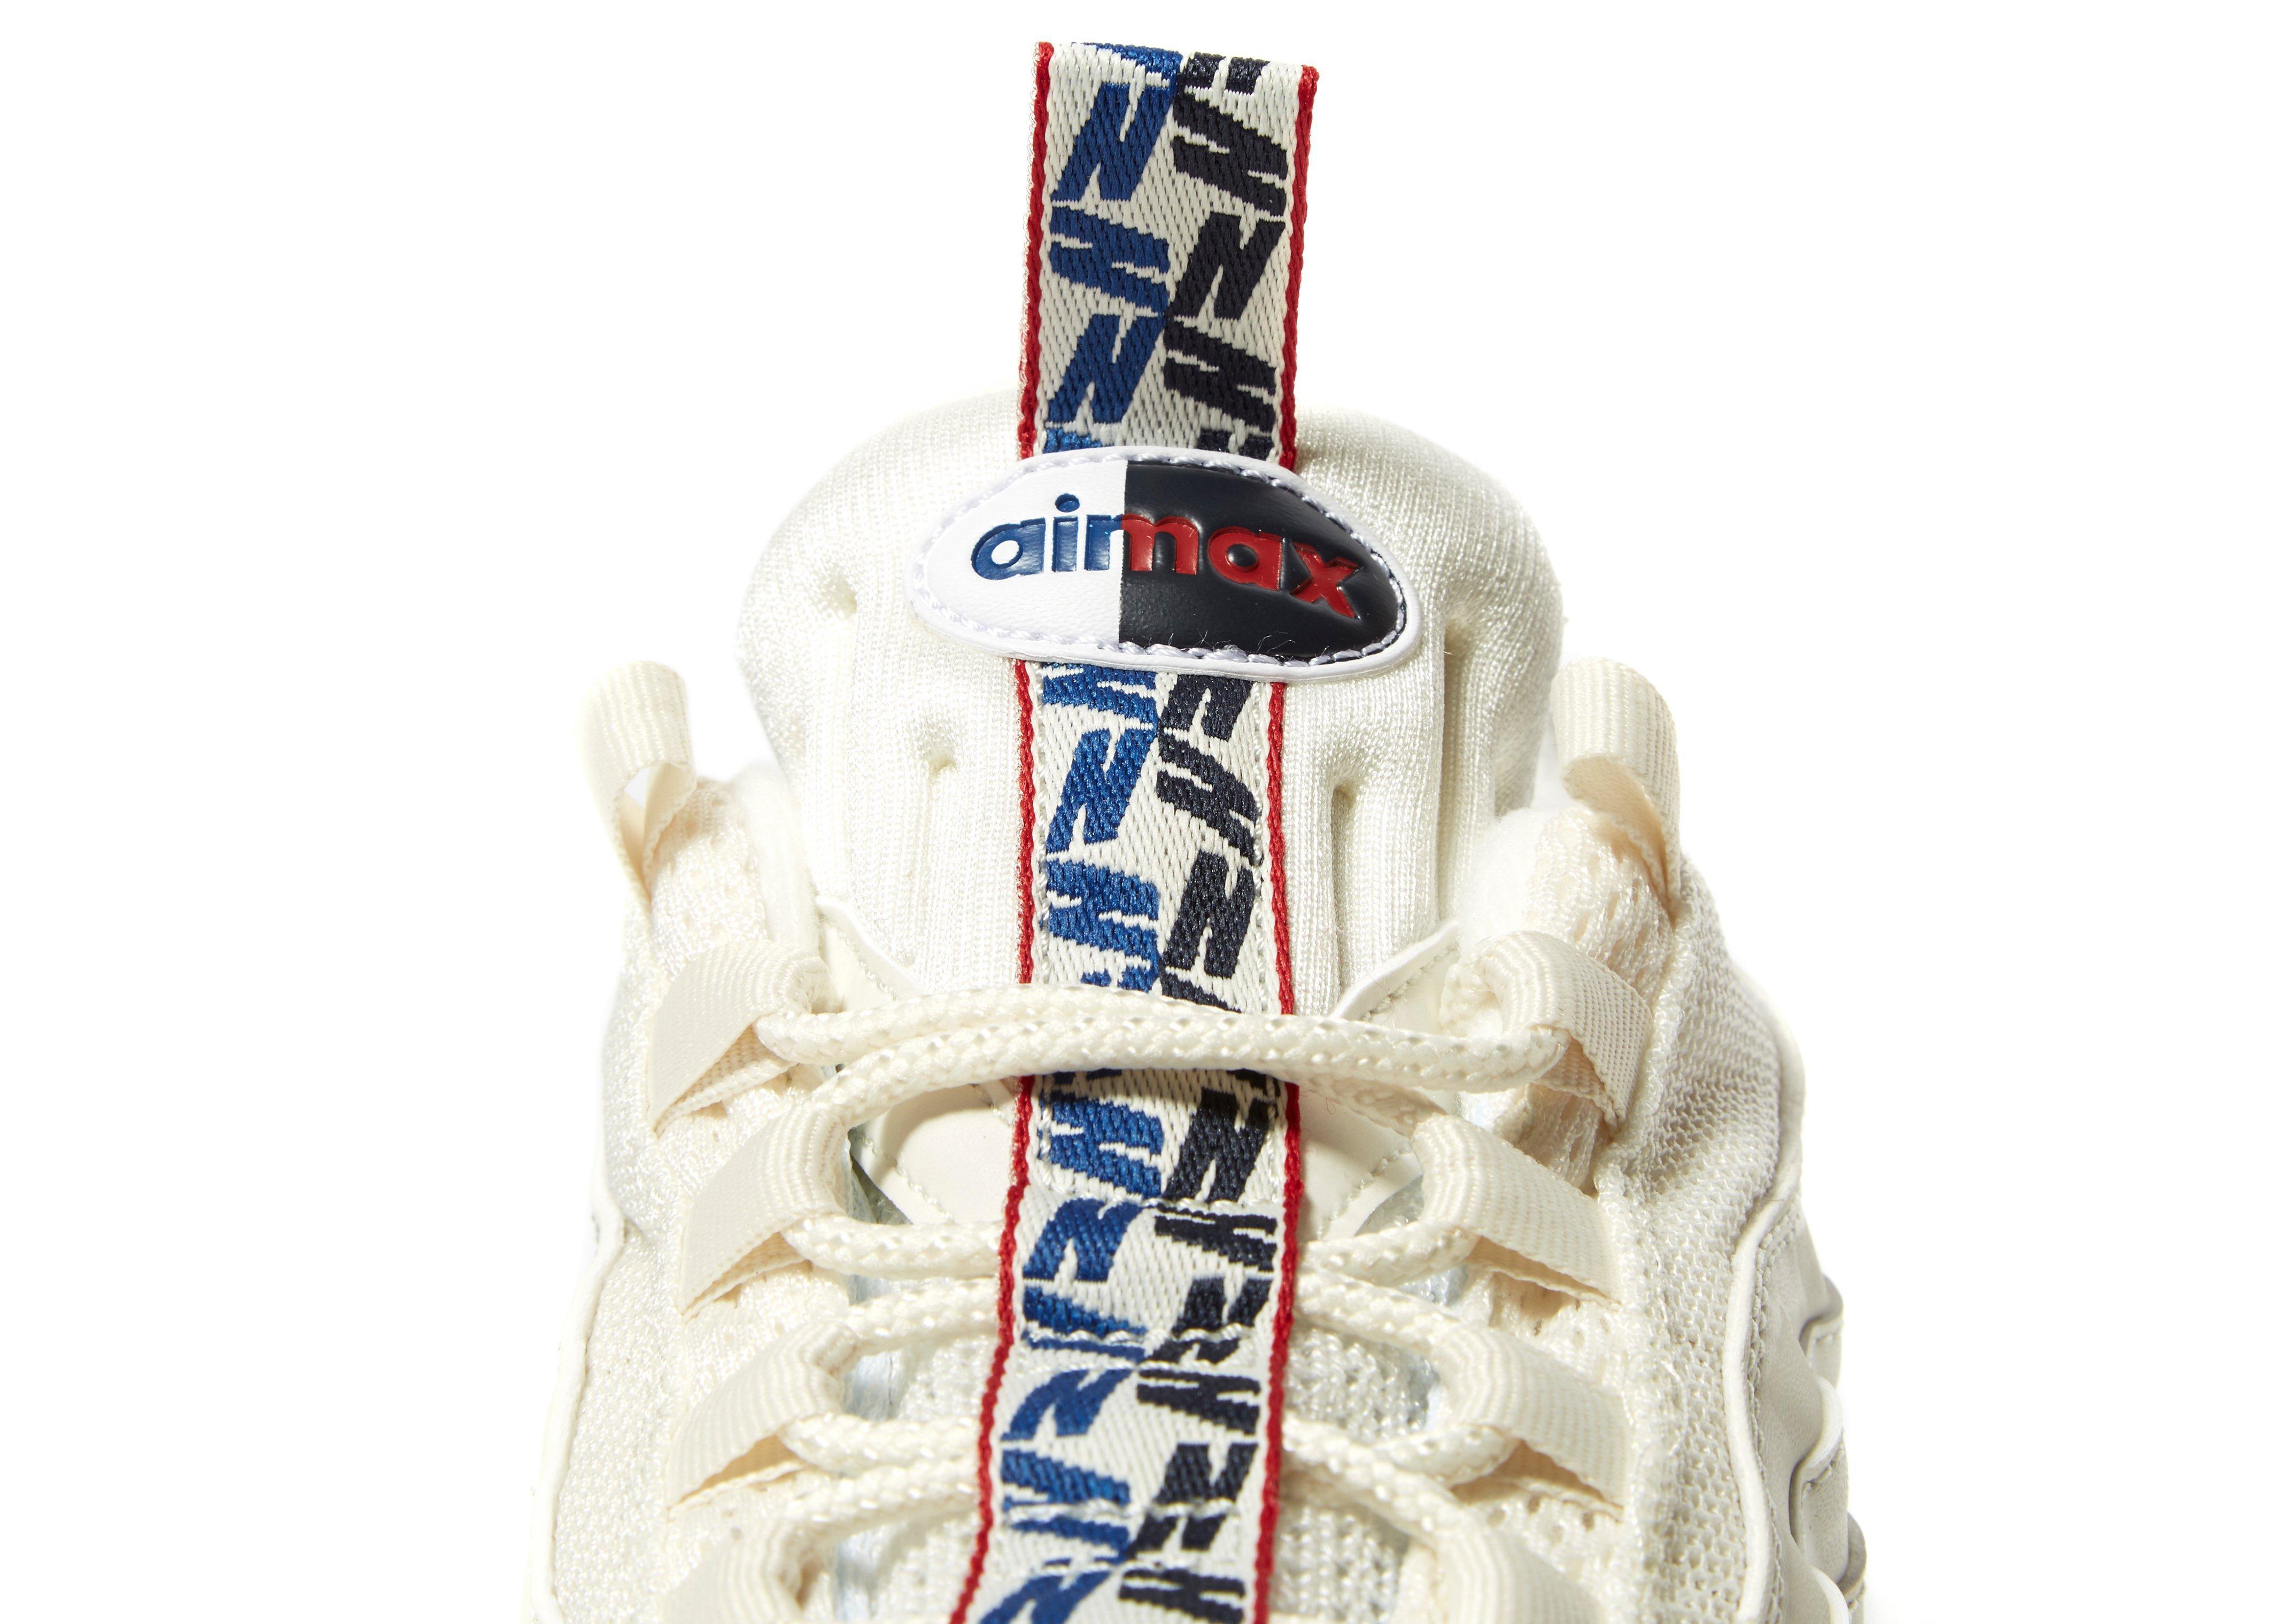 MAISON MARGIELA Leather Sneakers Mismatch Size L 41 R 42